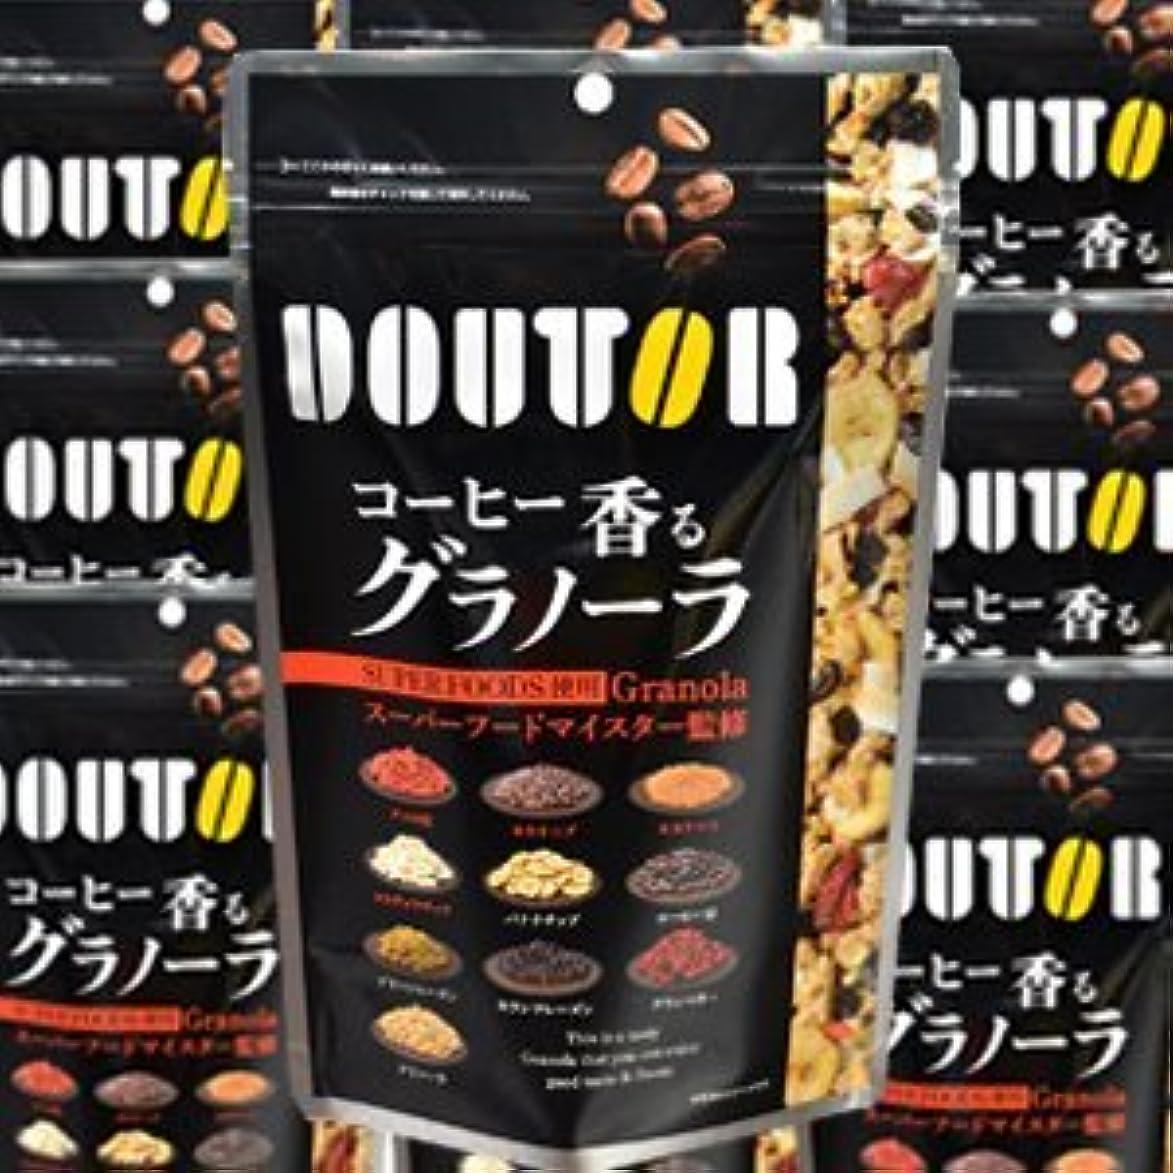 パラダイス入り口レンド【3個】 ドトール コーヒー香るグラノーラ 210gx3 (4946763053654-3)